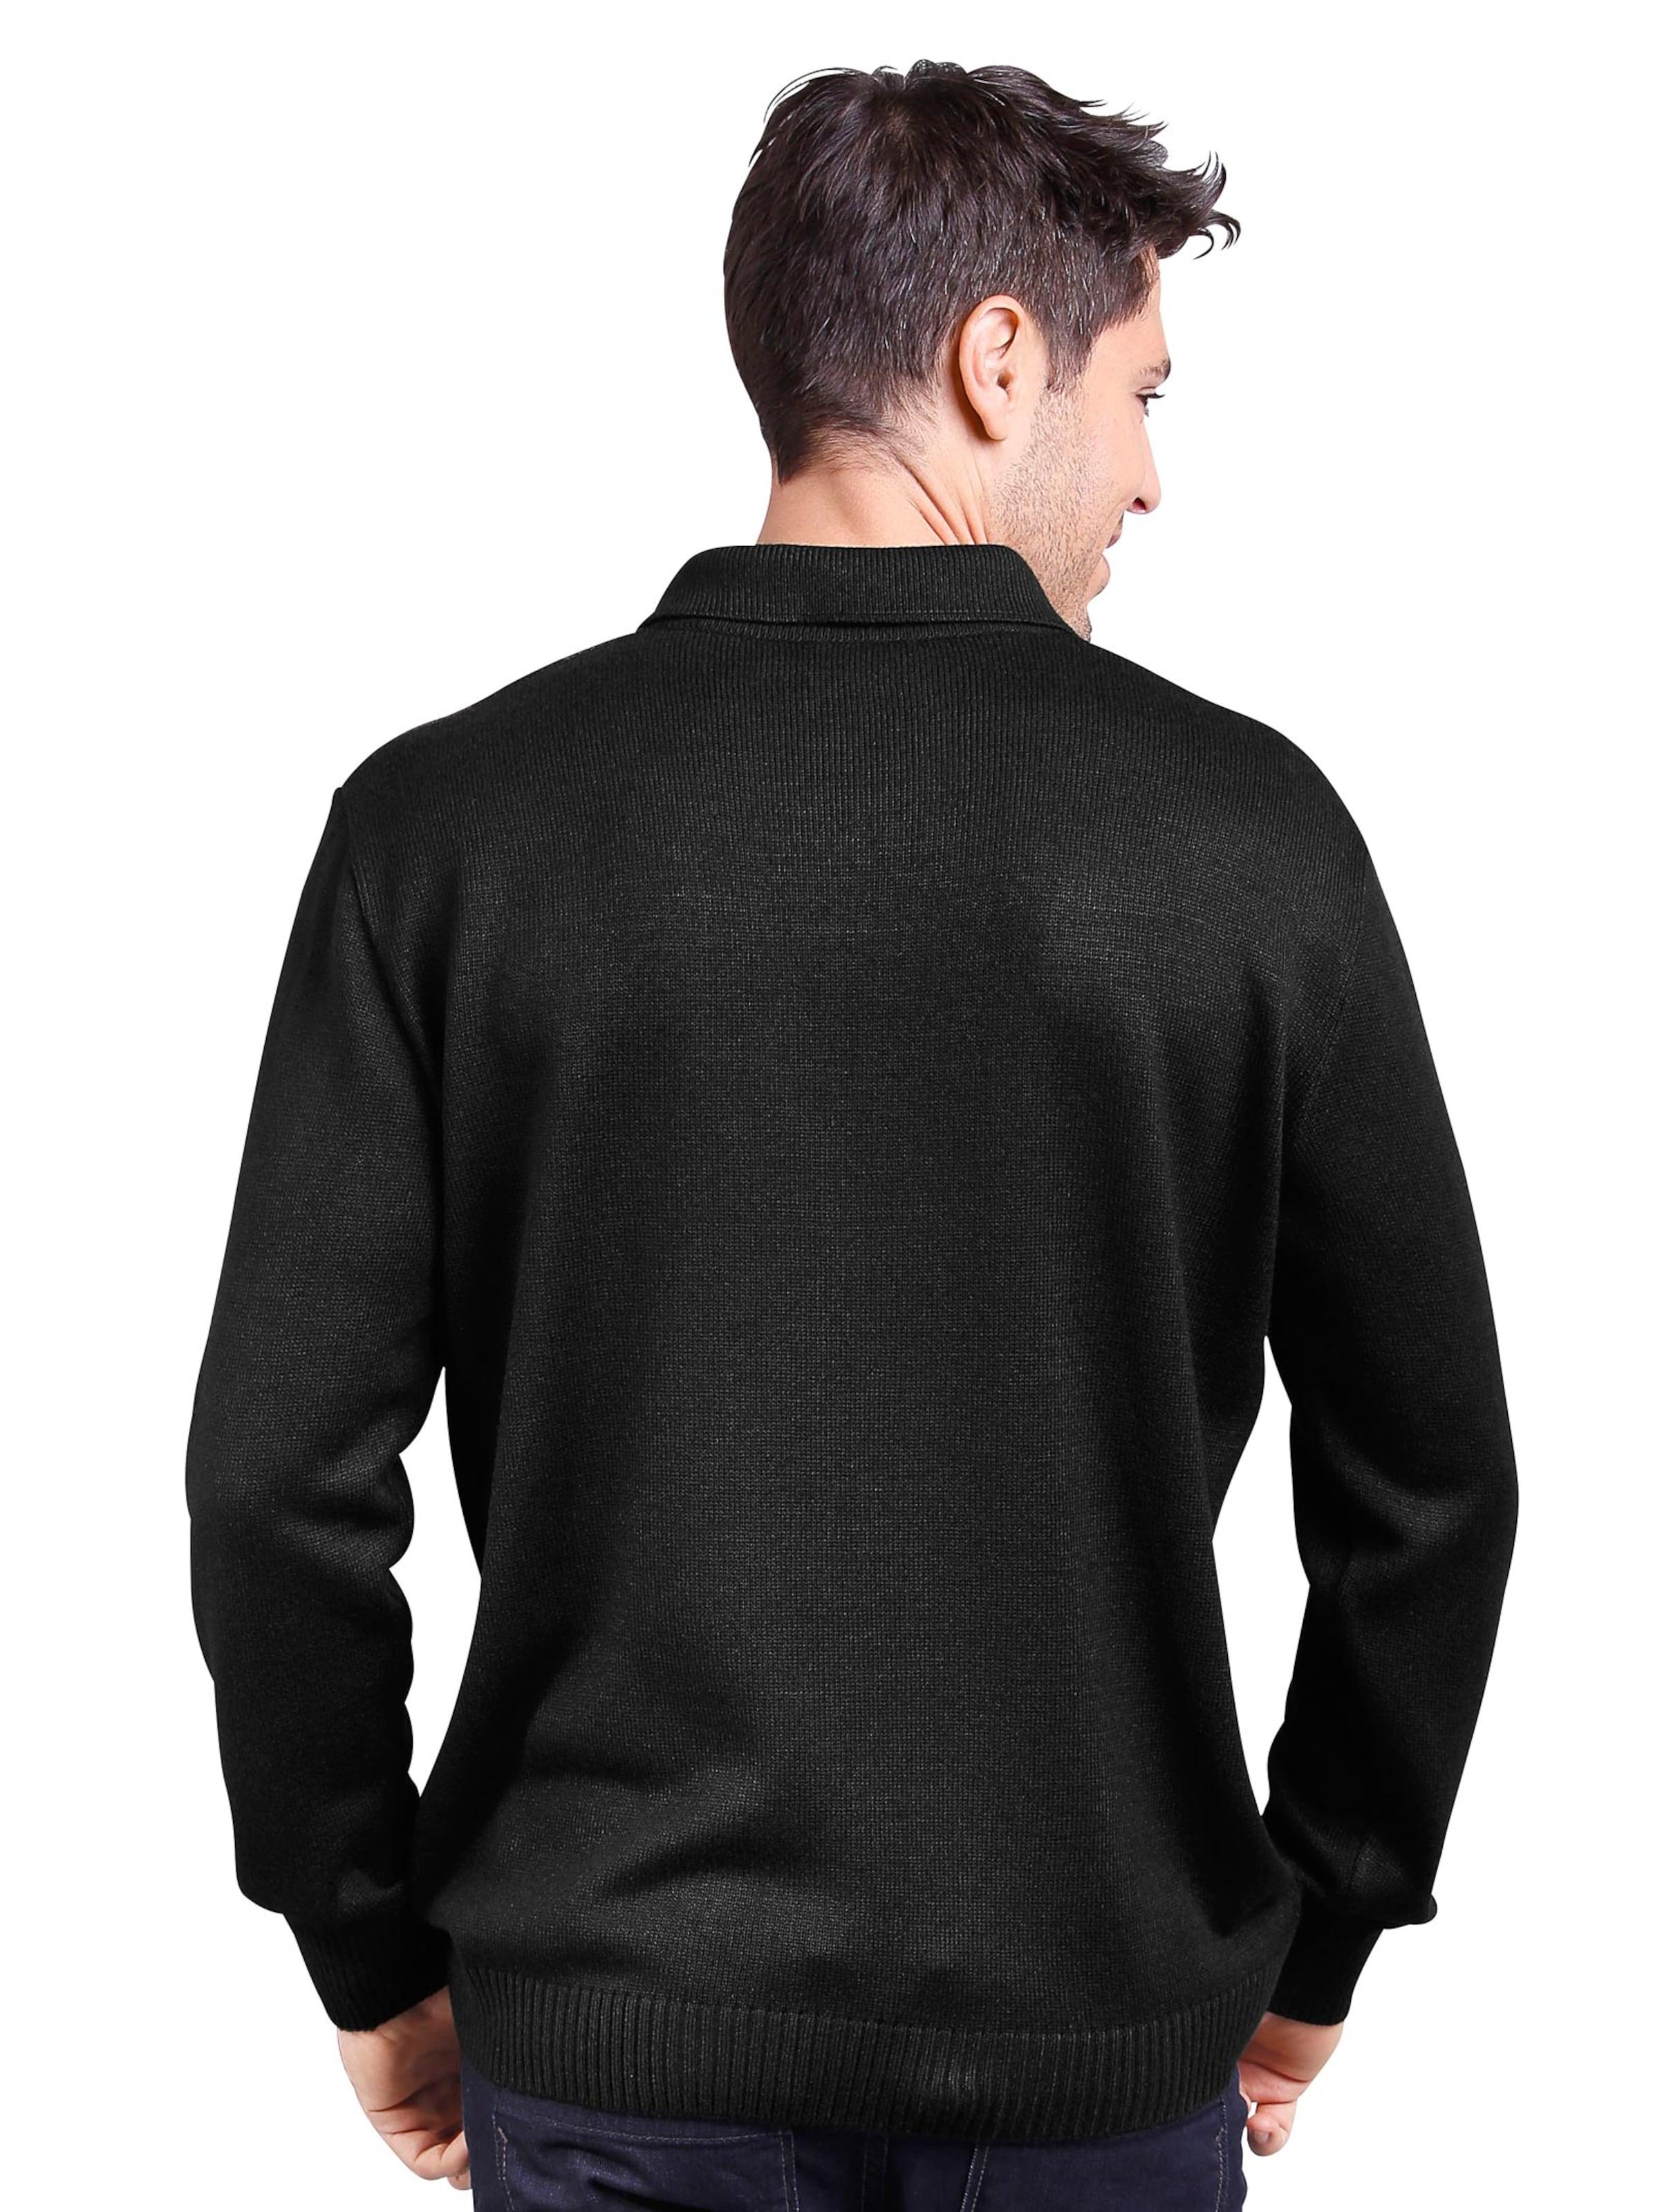 witt weiden - Herren Pullover schwarz-gemustert